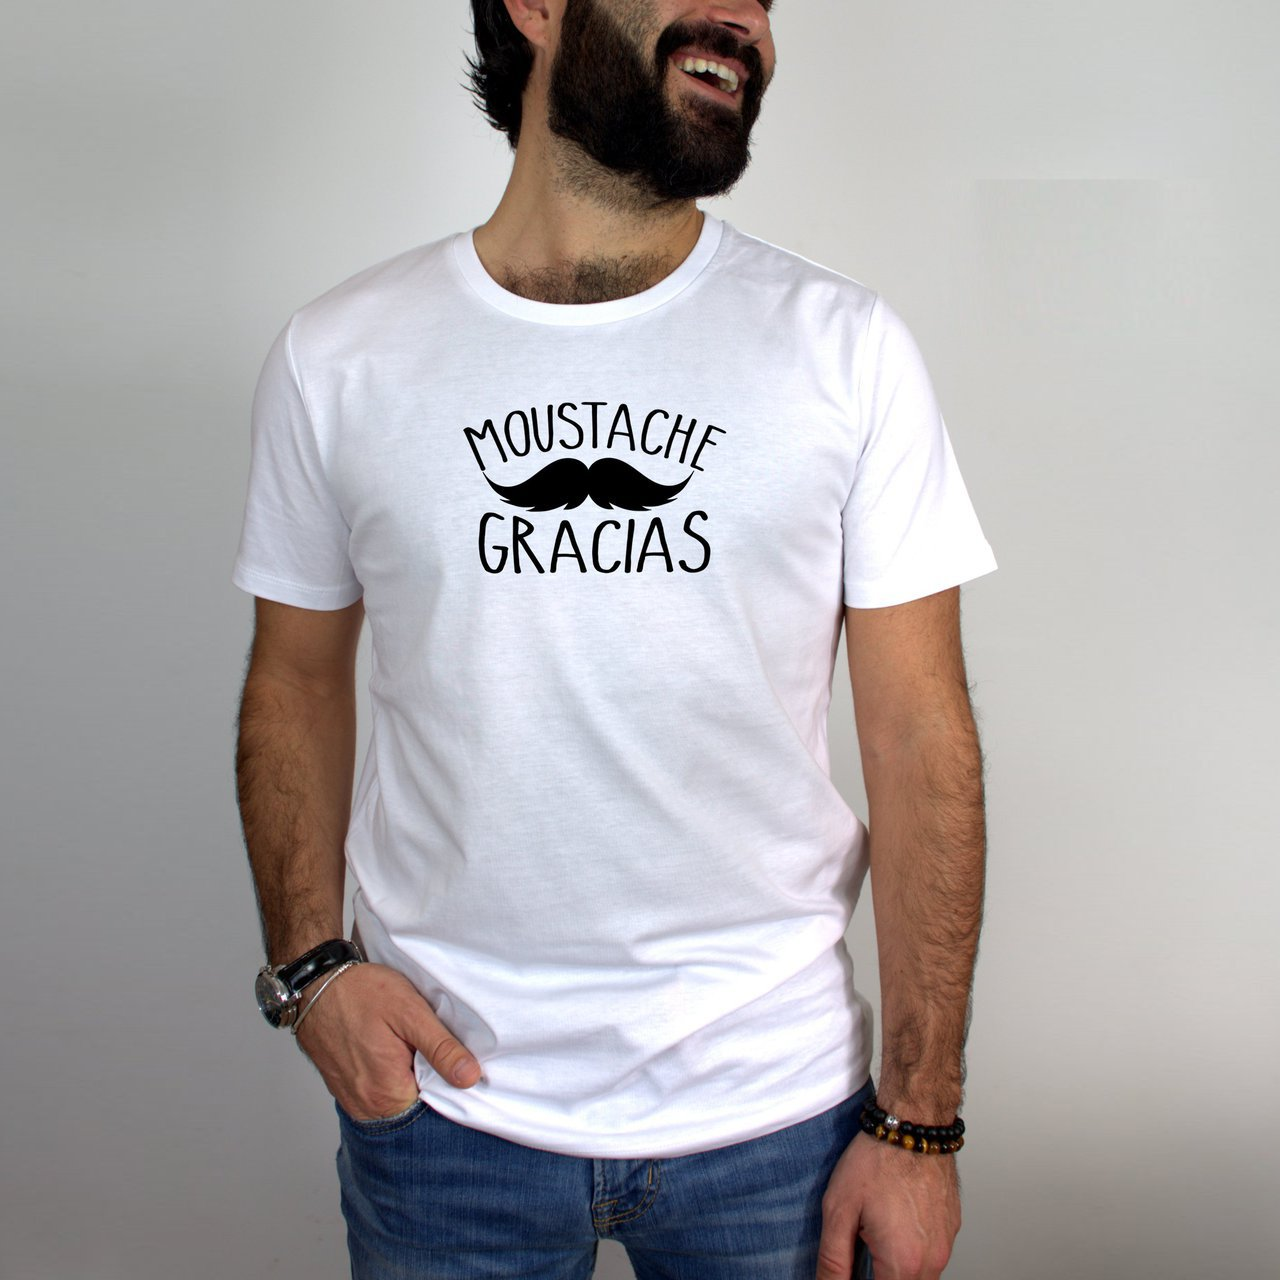 Moustache Gracias T-shirt